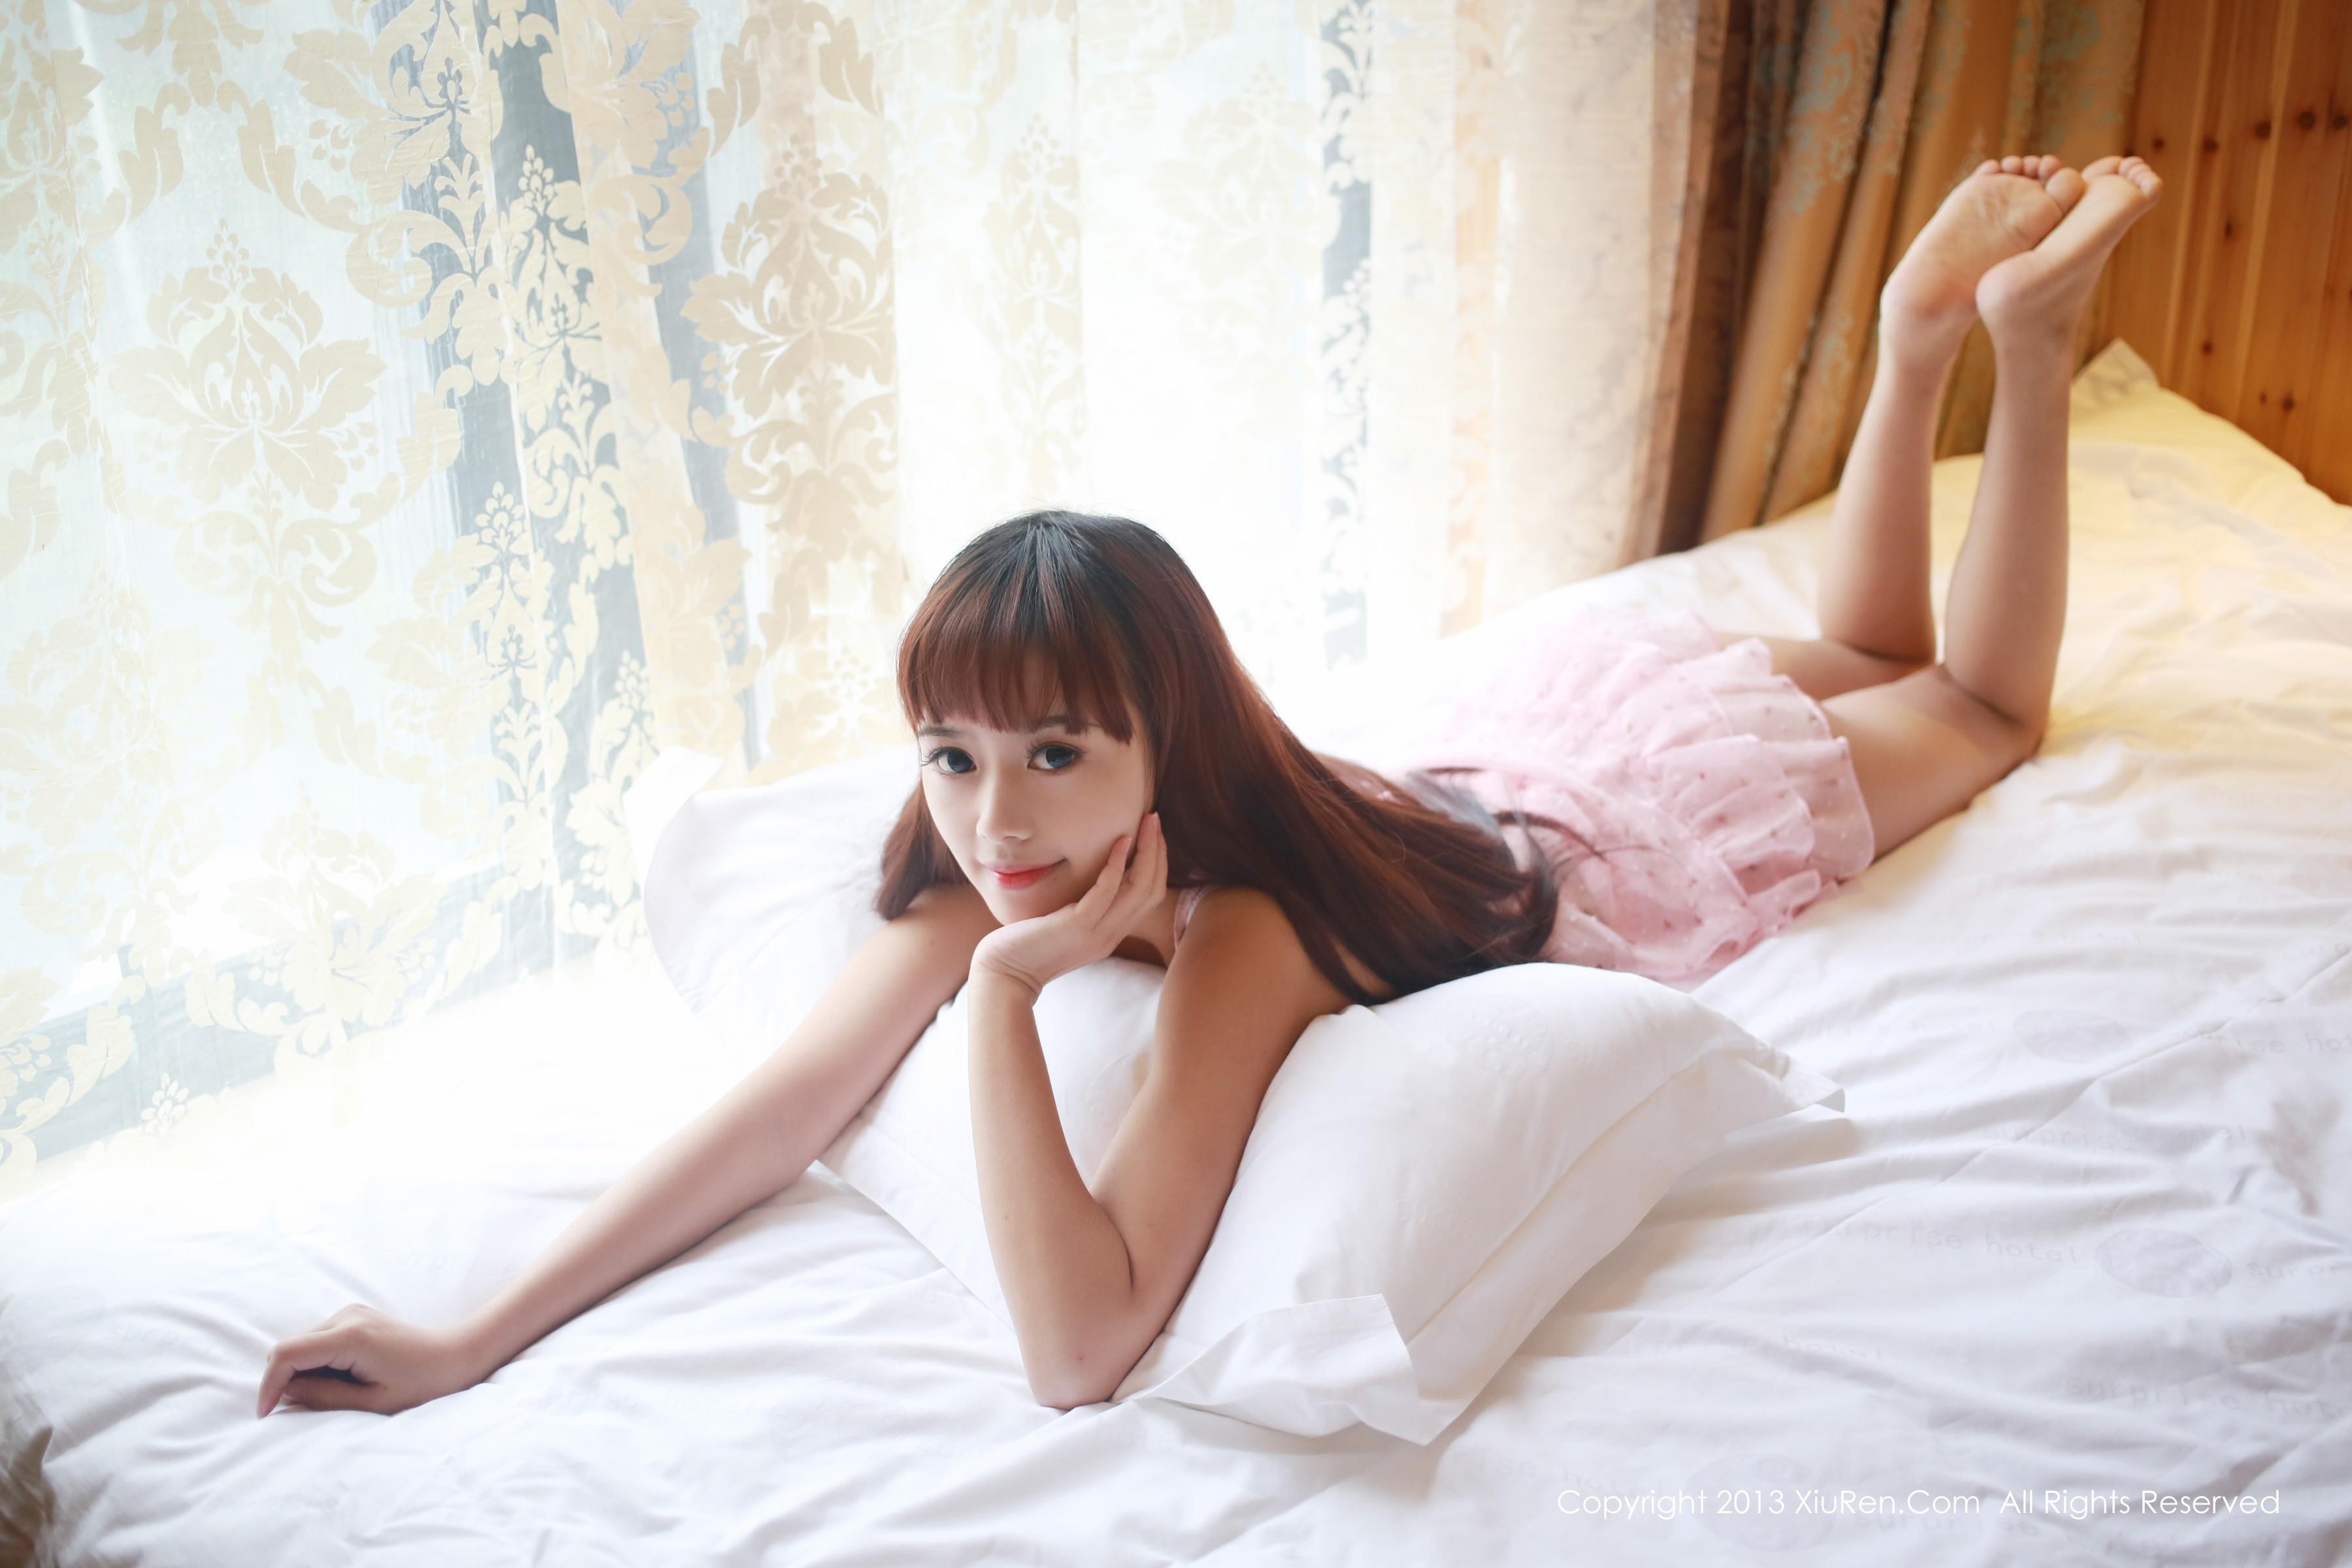 только азиатки в постели отзывы временем готов